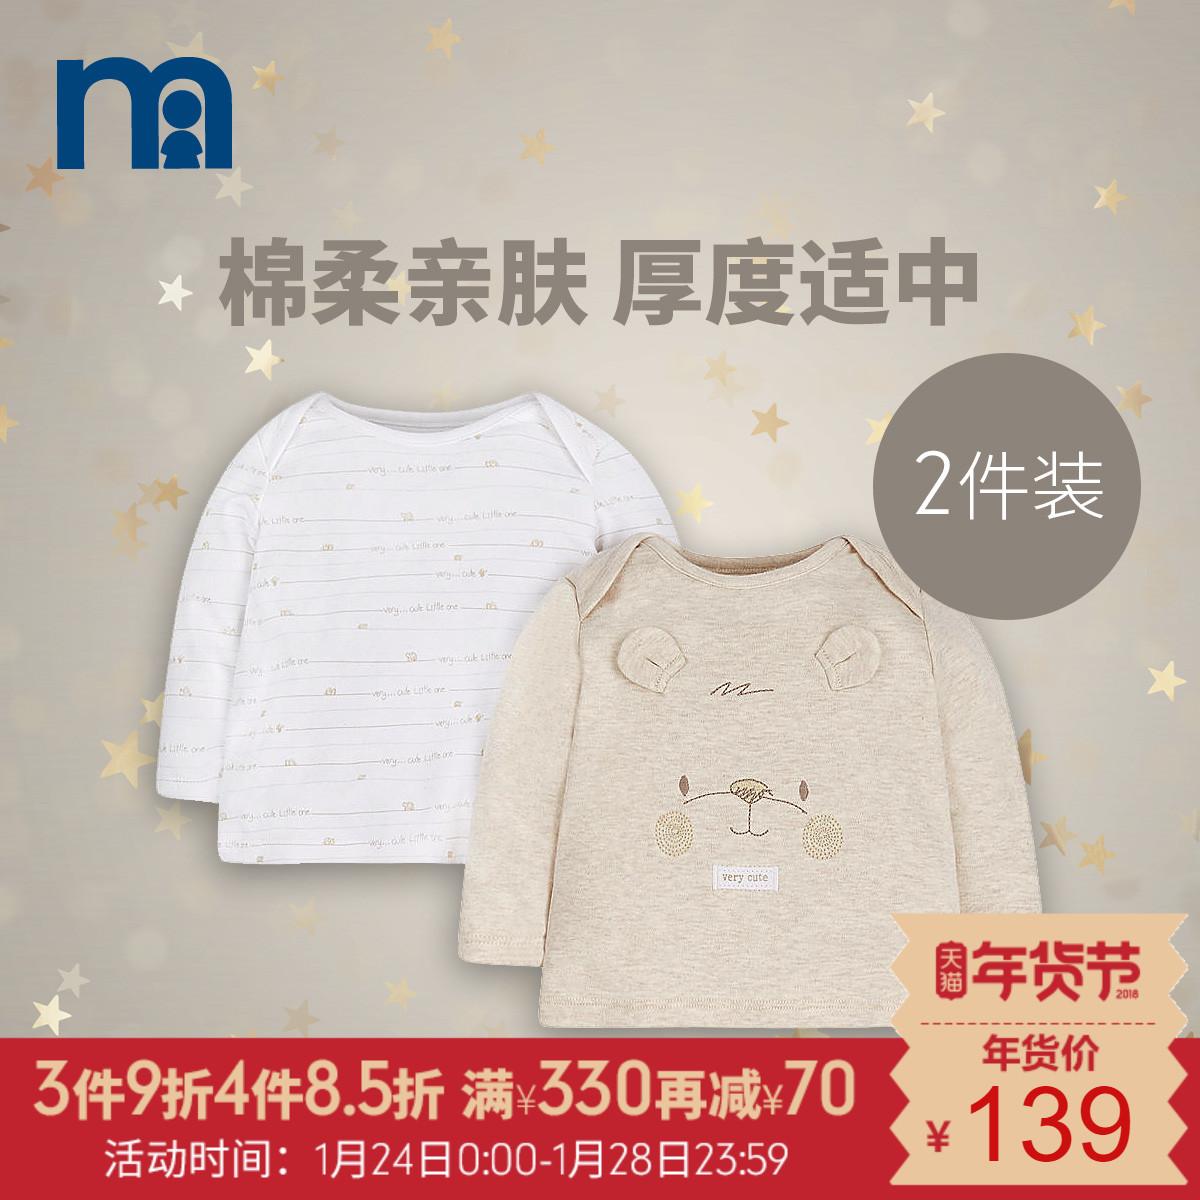 mothercare婴儿长袖T恤纯棉新生儿衣服男婴女婴宝宝打底衫上衣2件